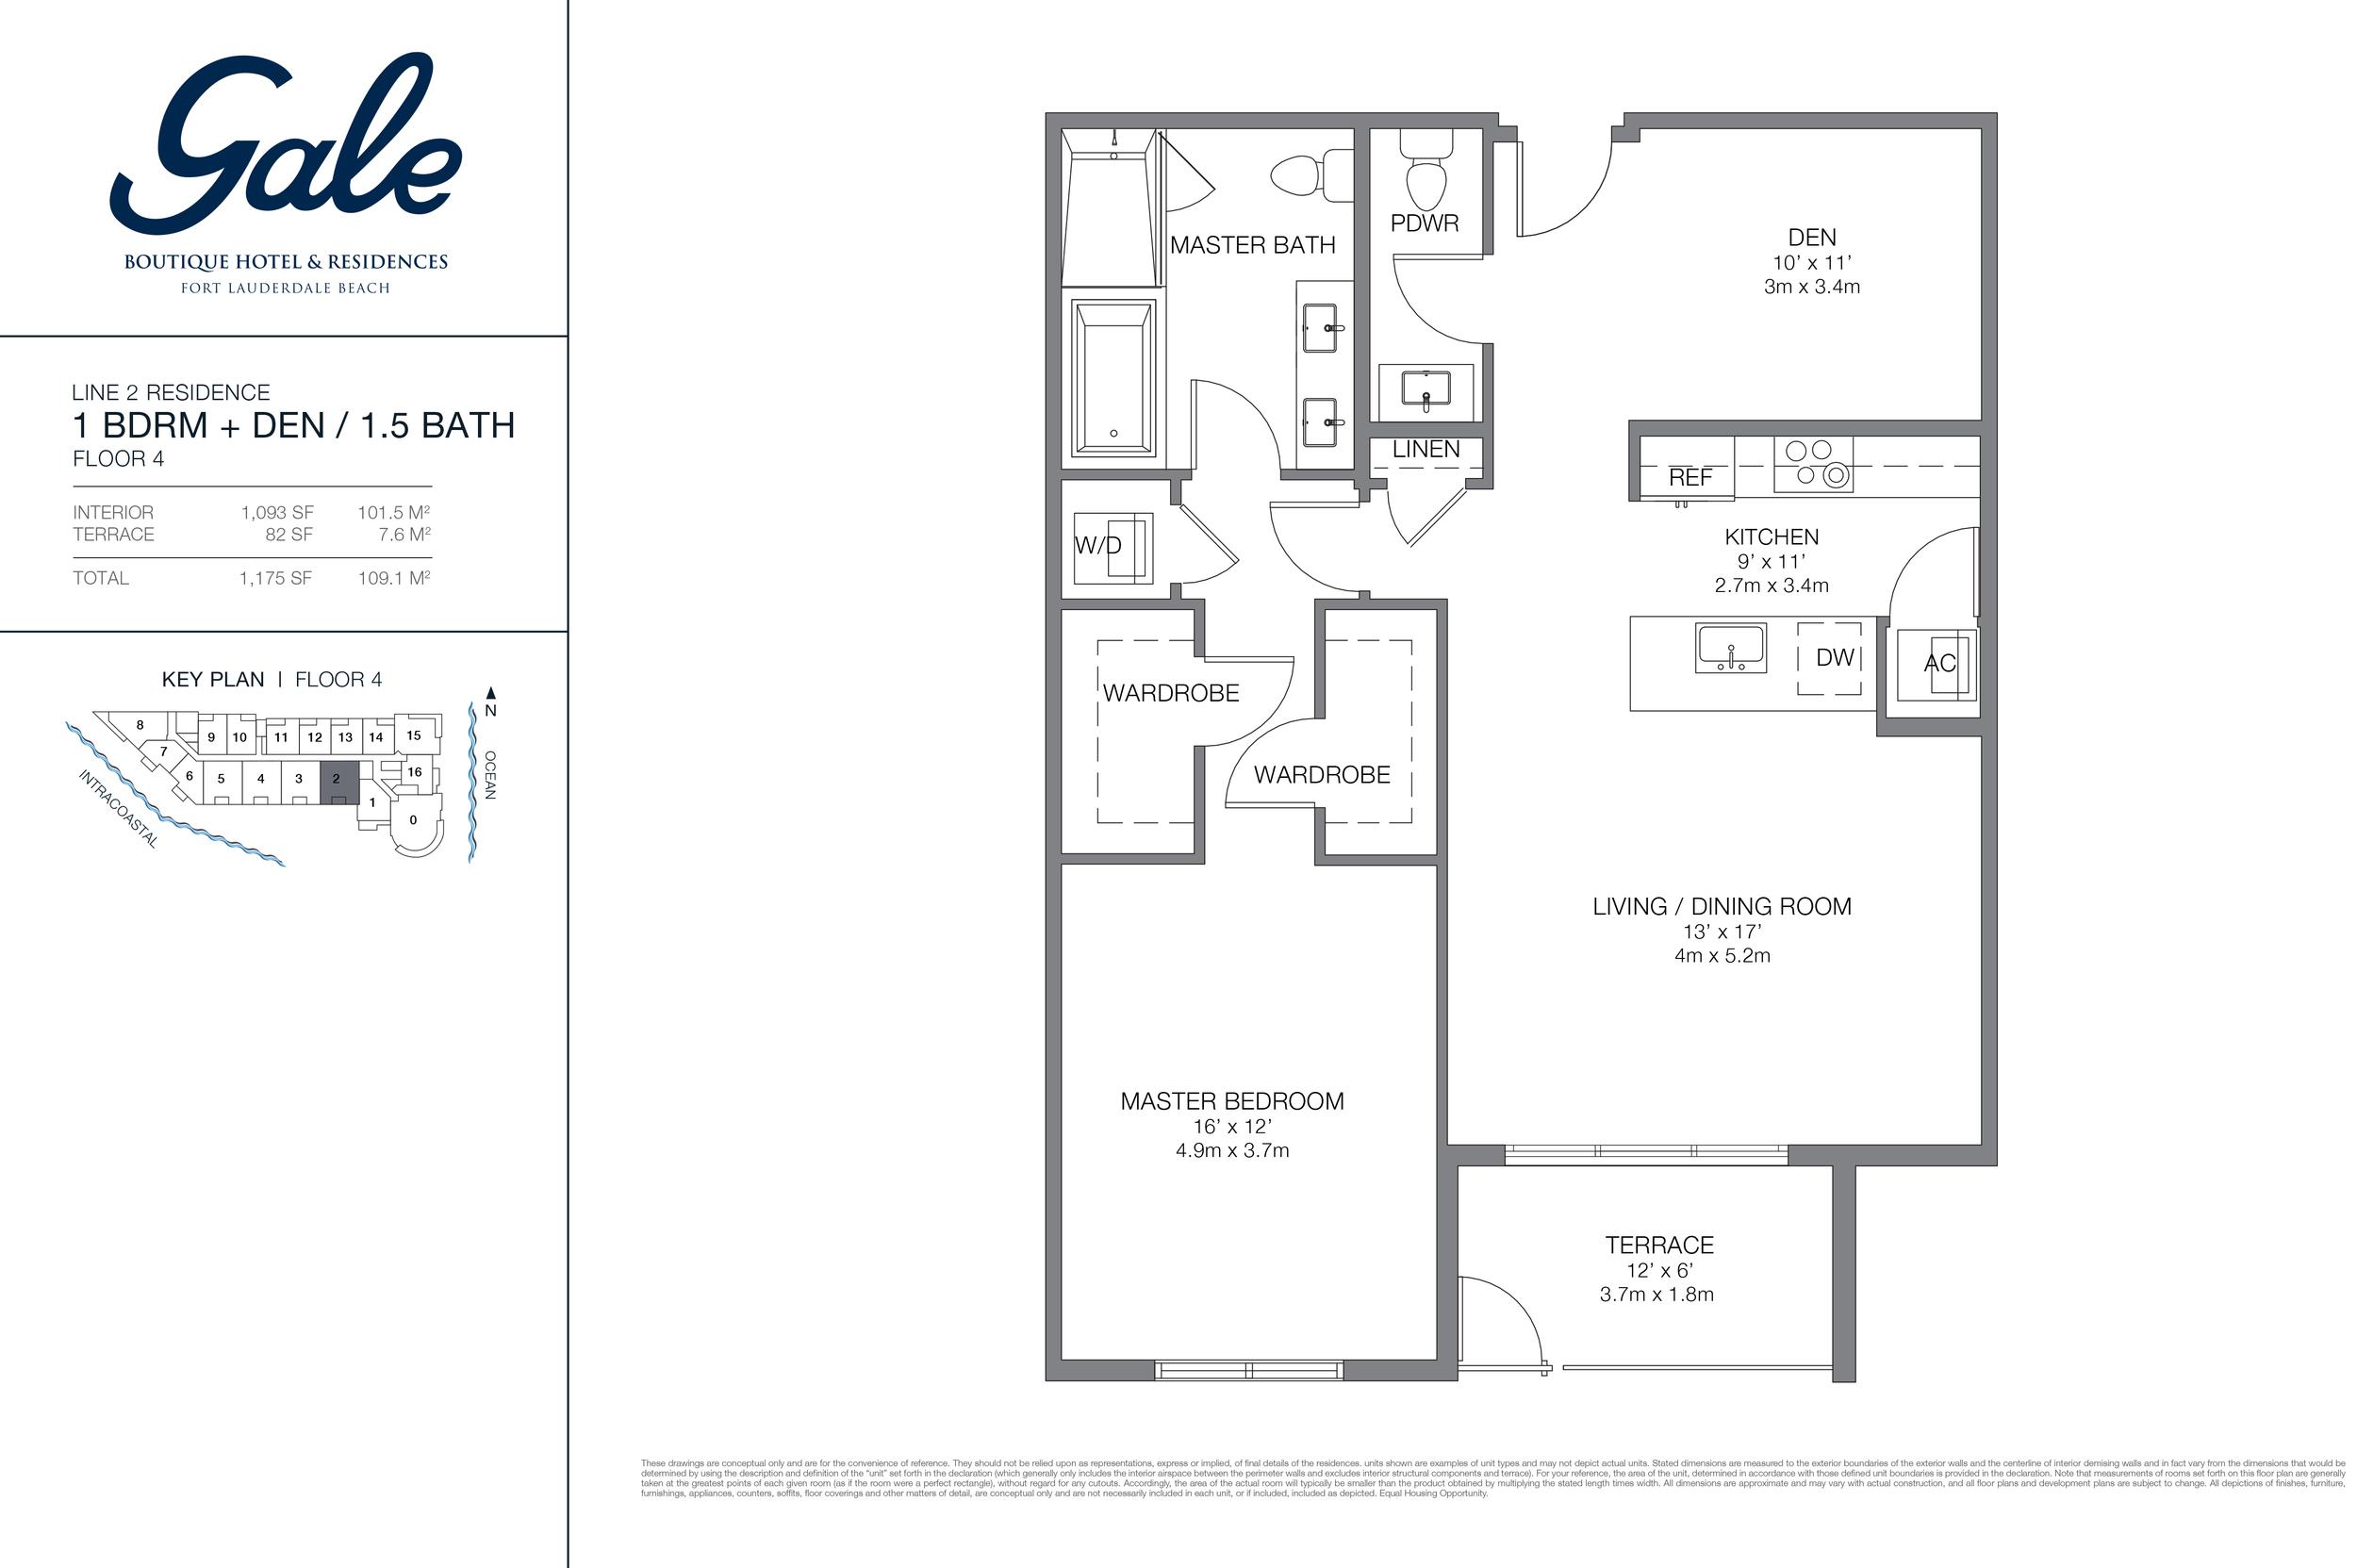 Gale Ft.Lauderdale Floor Plan Line 2